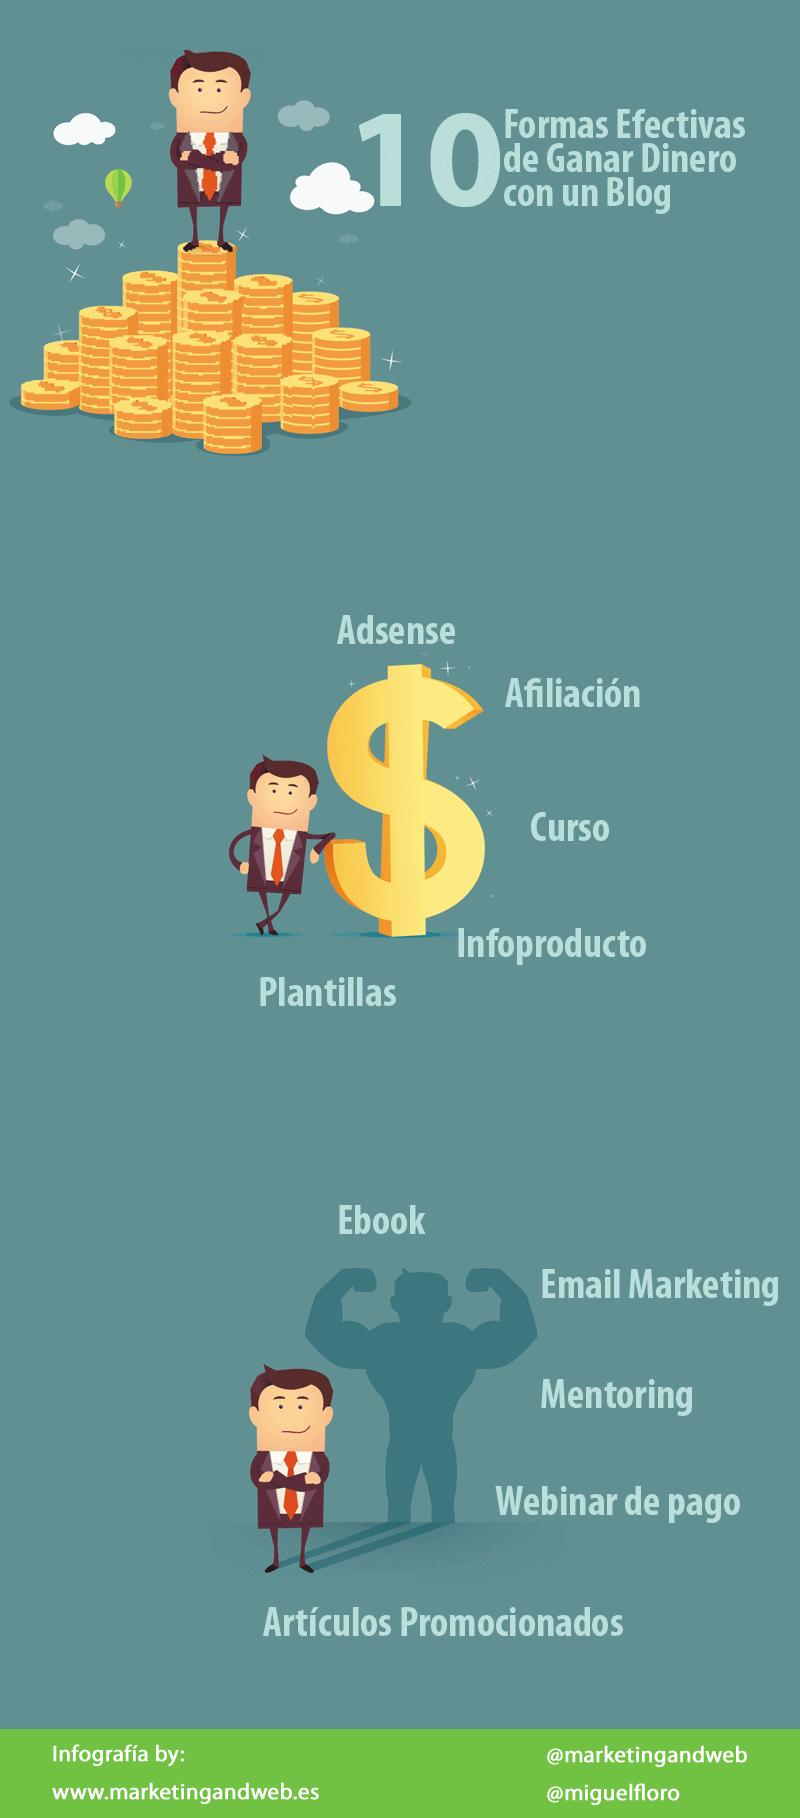 ganar dinero con un blog infografía